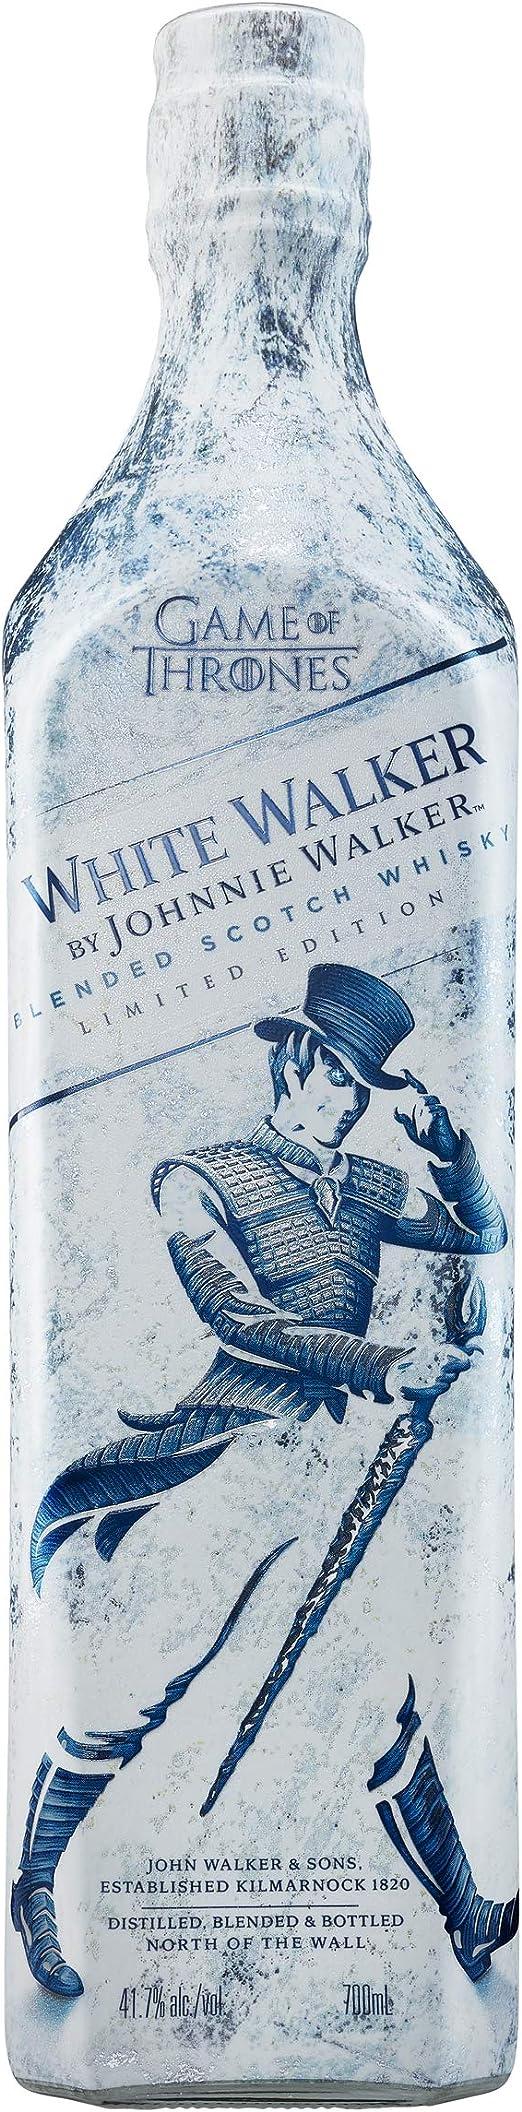 Johnnie Walker White Walker Whisky Escocés, Edición Limitada con Juego de Tronos, 700ml